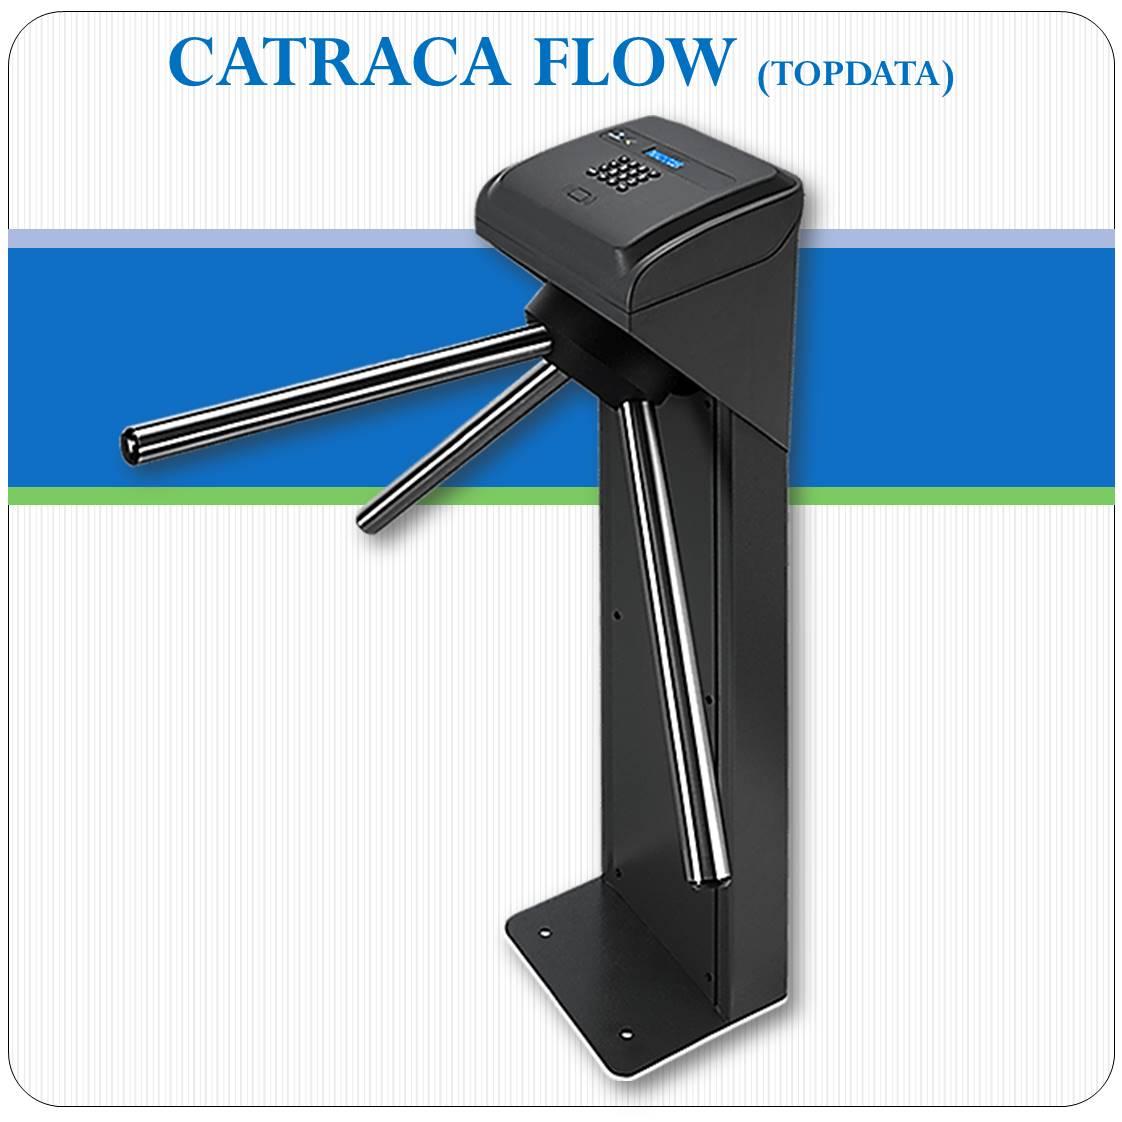 Catraca Flow - Controle de Lotação e Fluxo de Pessoas